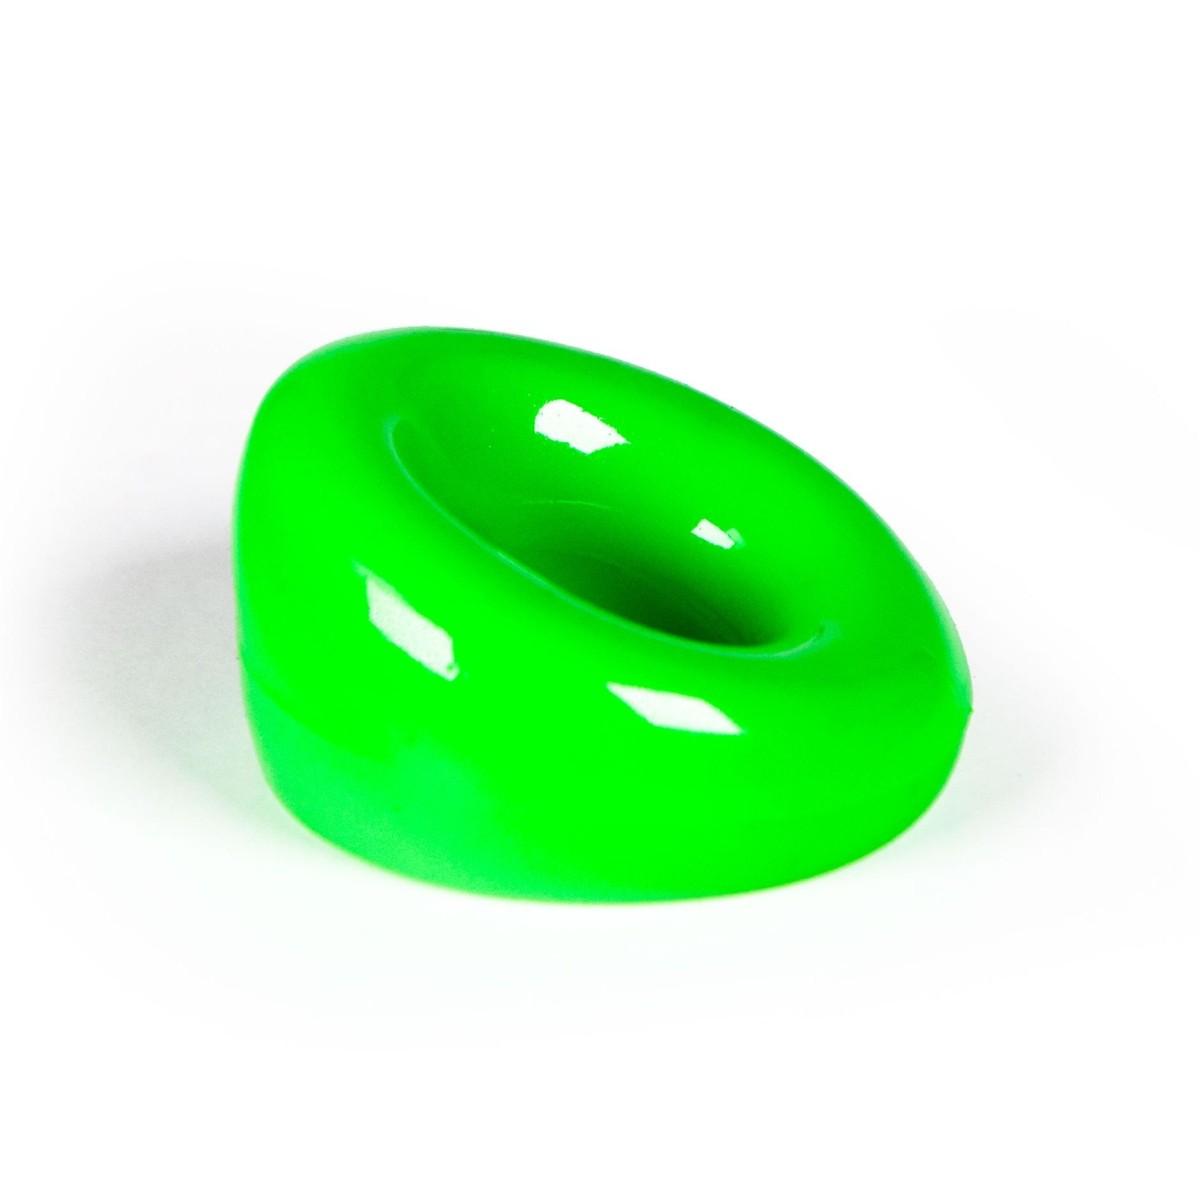 Erekční kroužek Zizi Powerstroke zelený